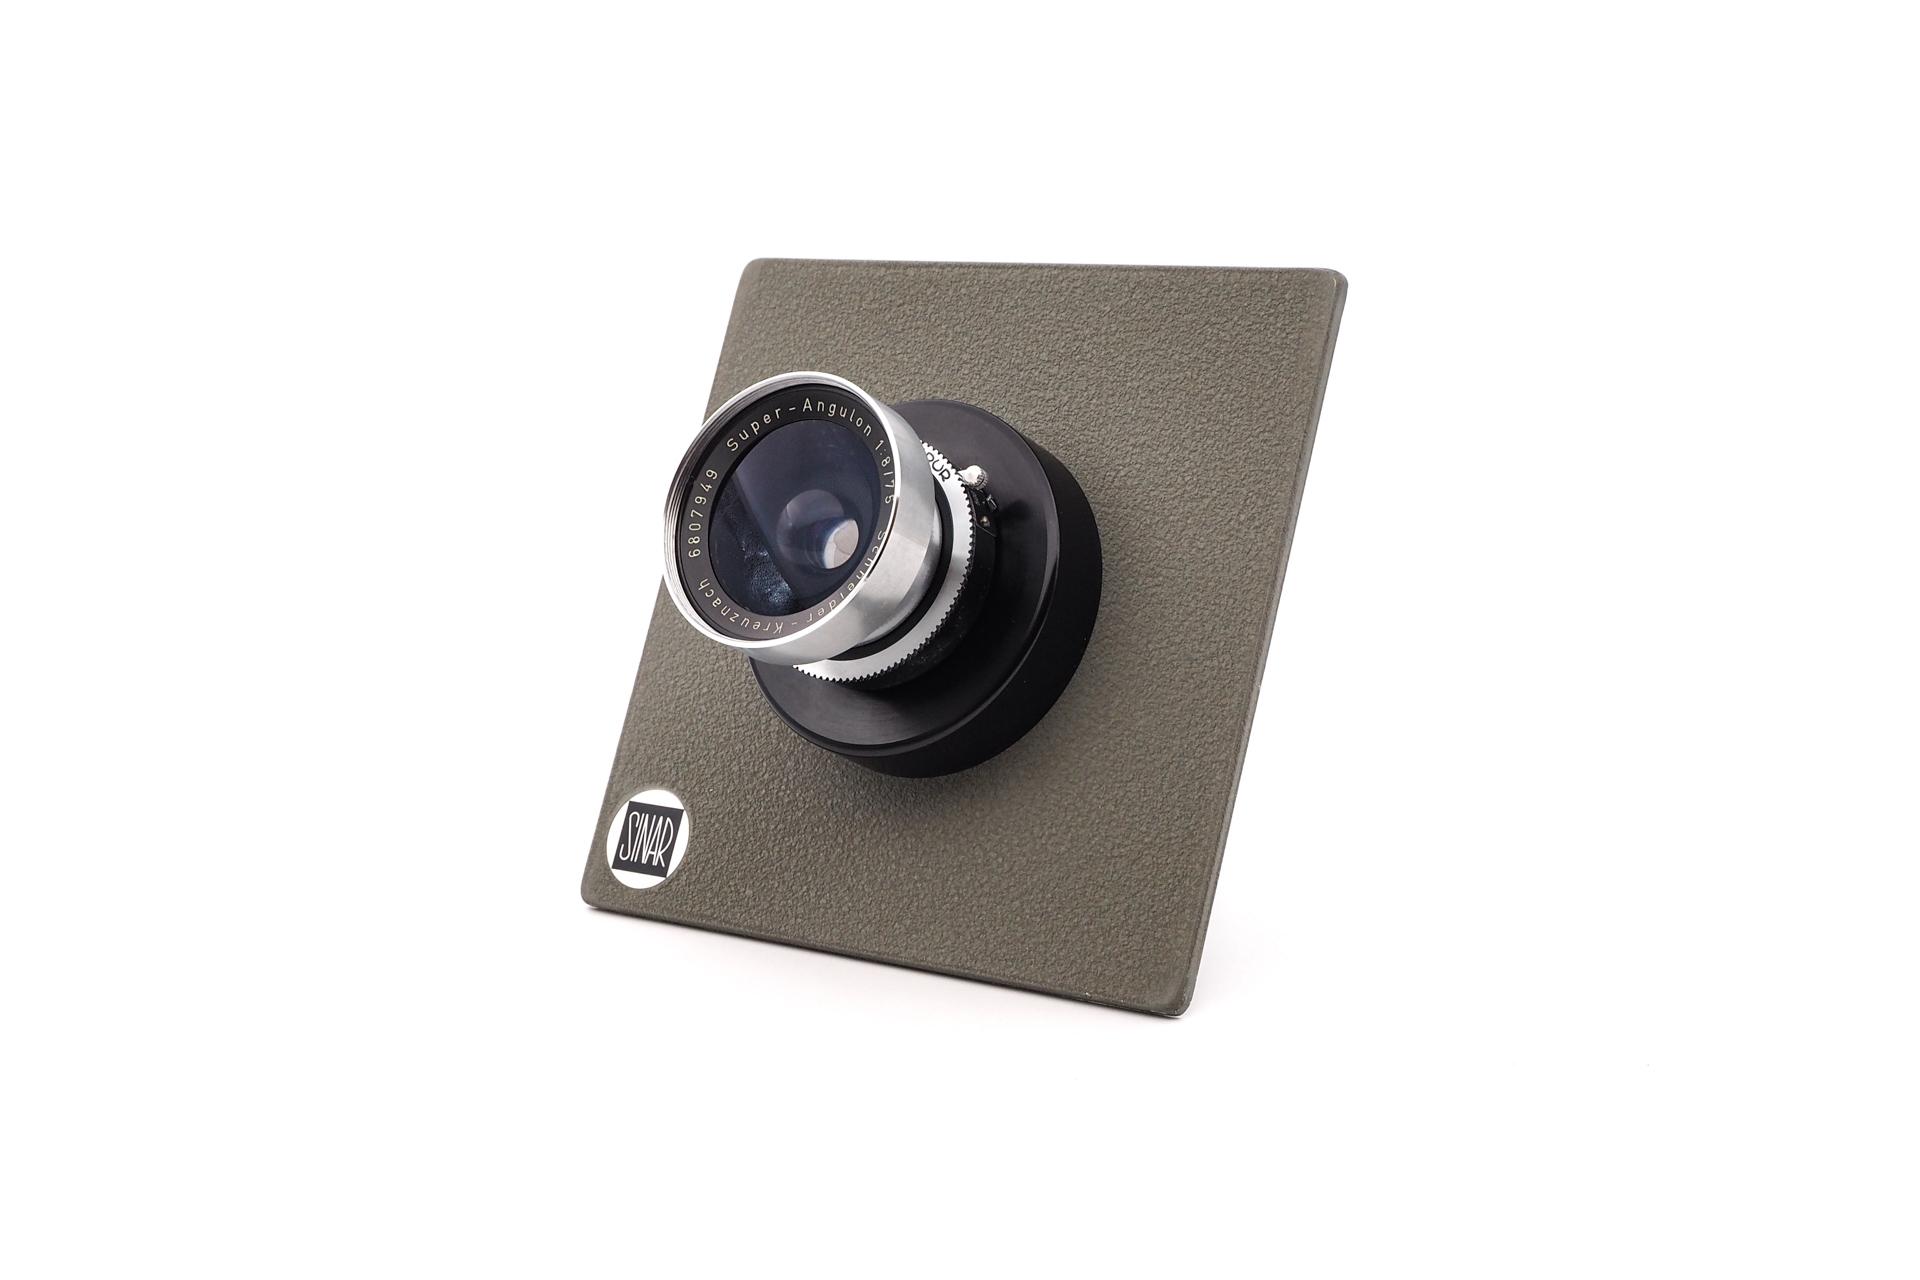 Sinar Plate Schneider super-angulon 1:8/75MM Synchro-Compur